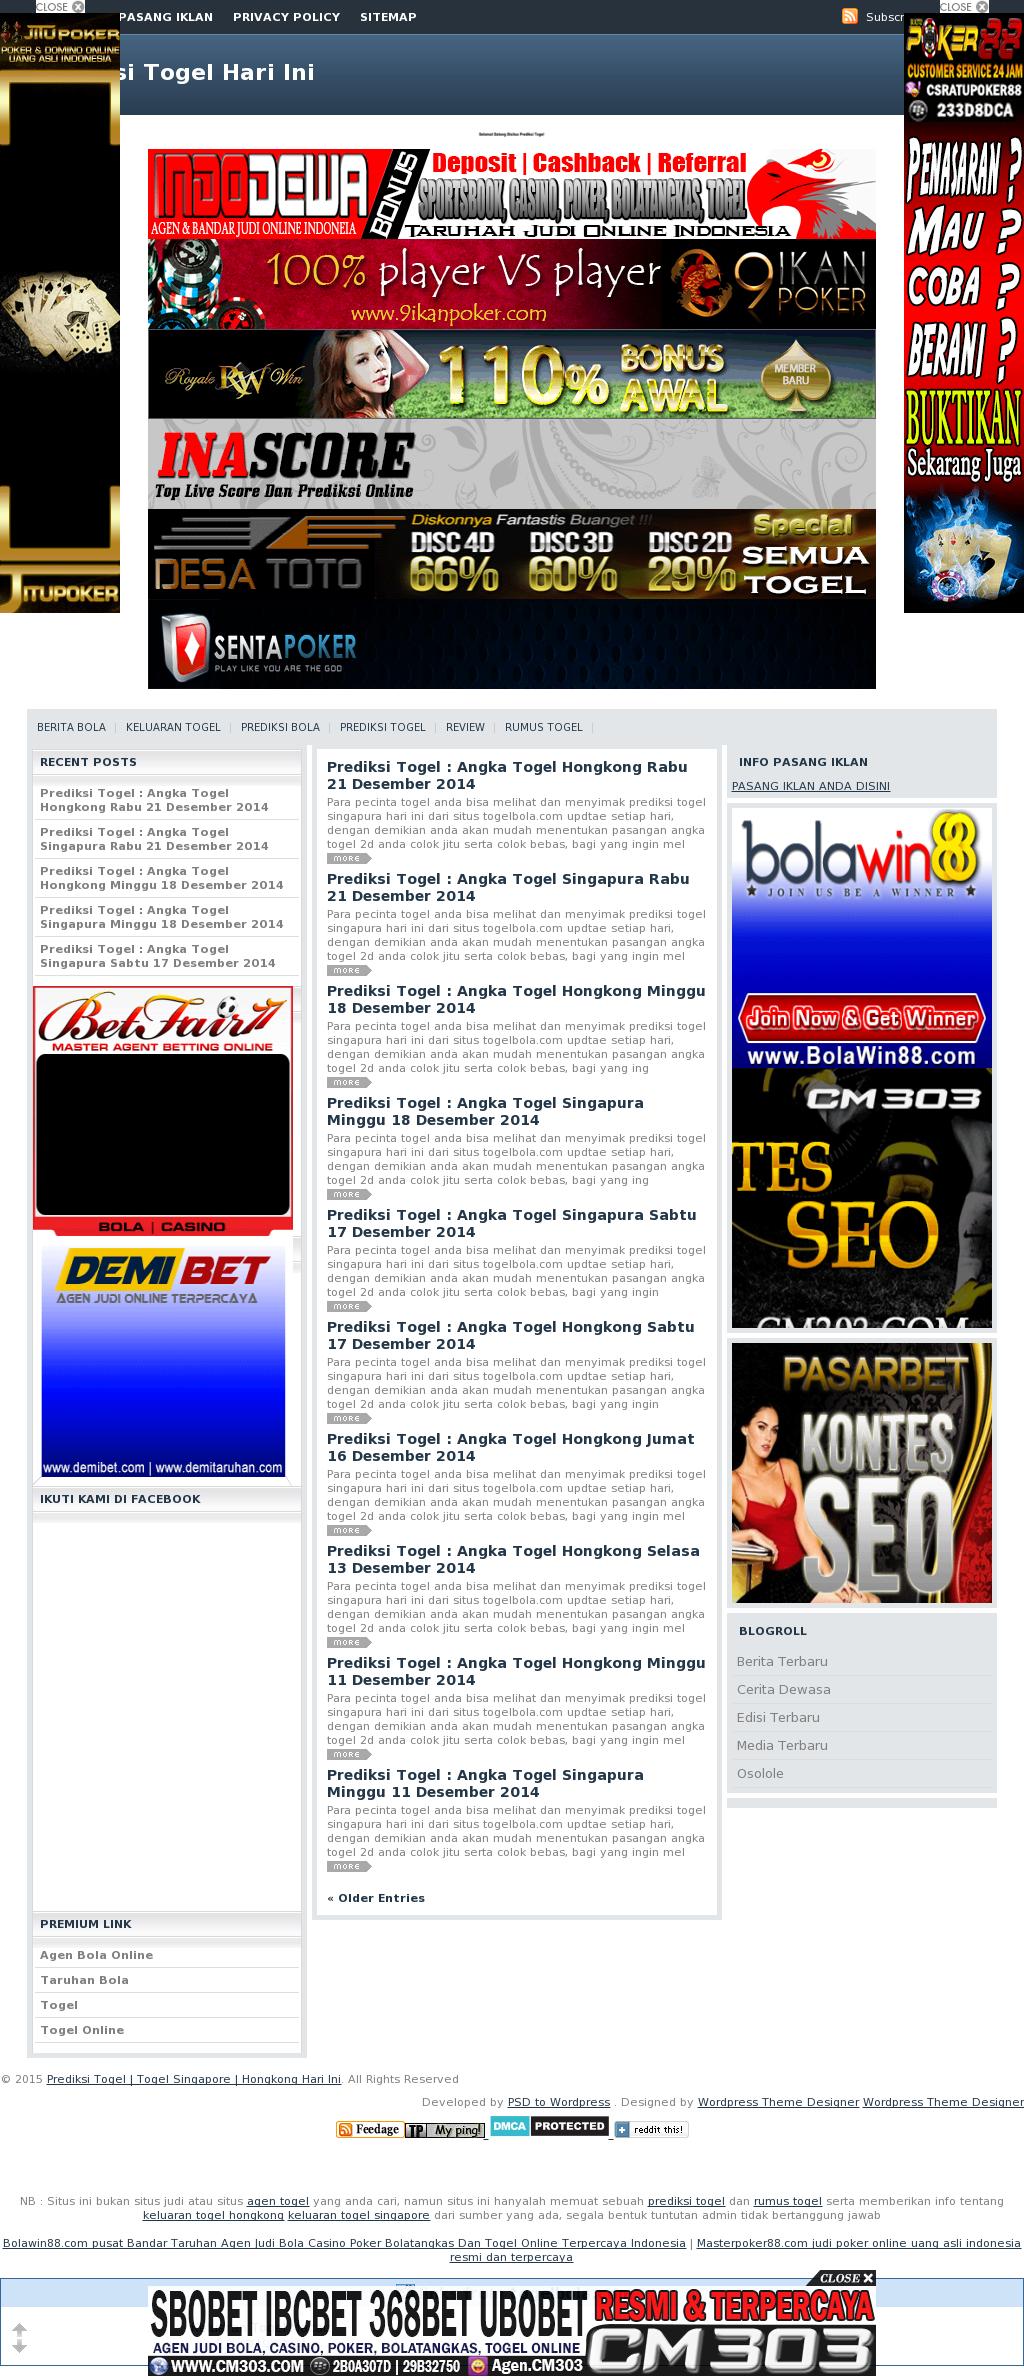 Prediksi Angka Jitu Togel Hari Ini Competitors, Revenue and